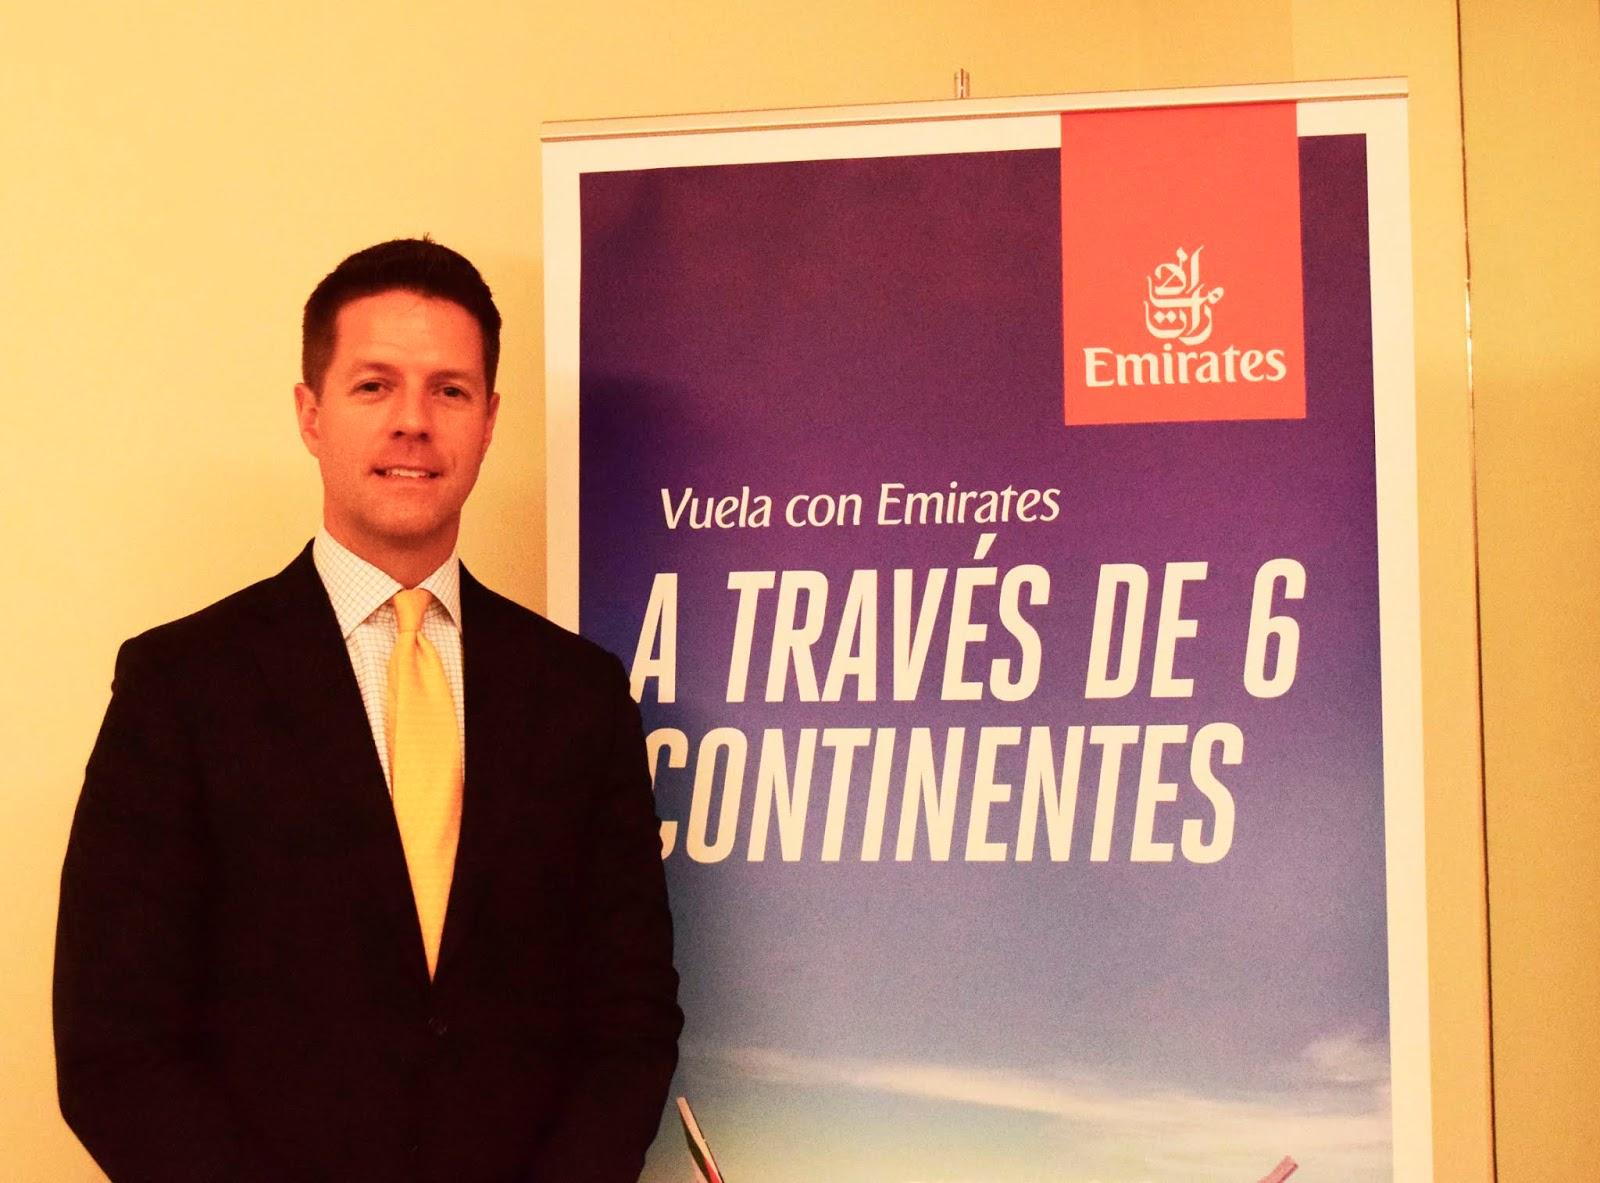 EMIRATES NUEVO VUELO CDMX DUBAI 1